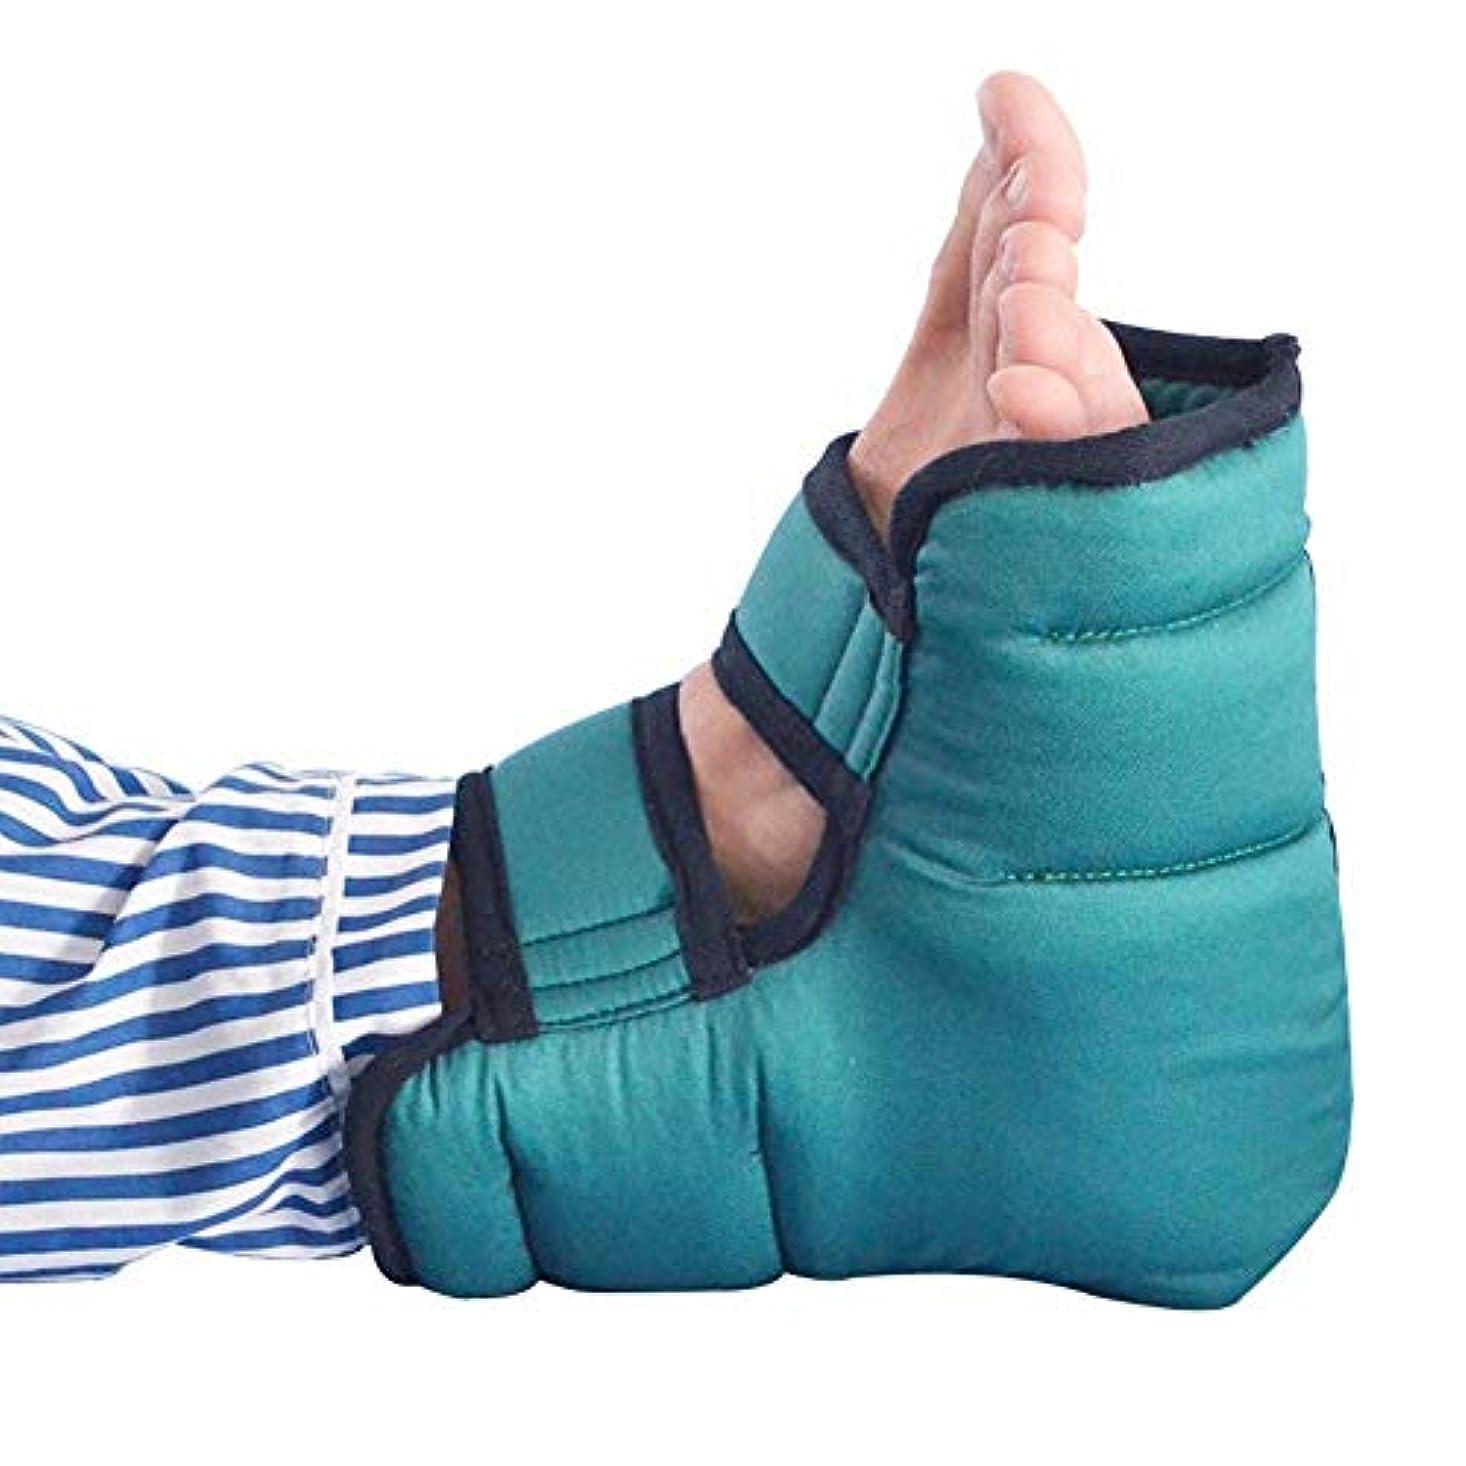 音楽旅客こどもの宮殿泡のかかと足首足首プロテクター褥瘡防止用褥瘡 - 高齢者の足の補正カバー1ペア、24×23 cm